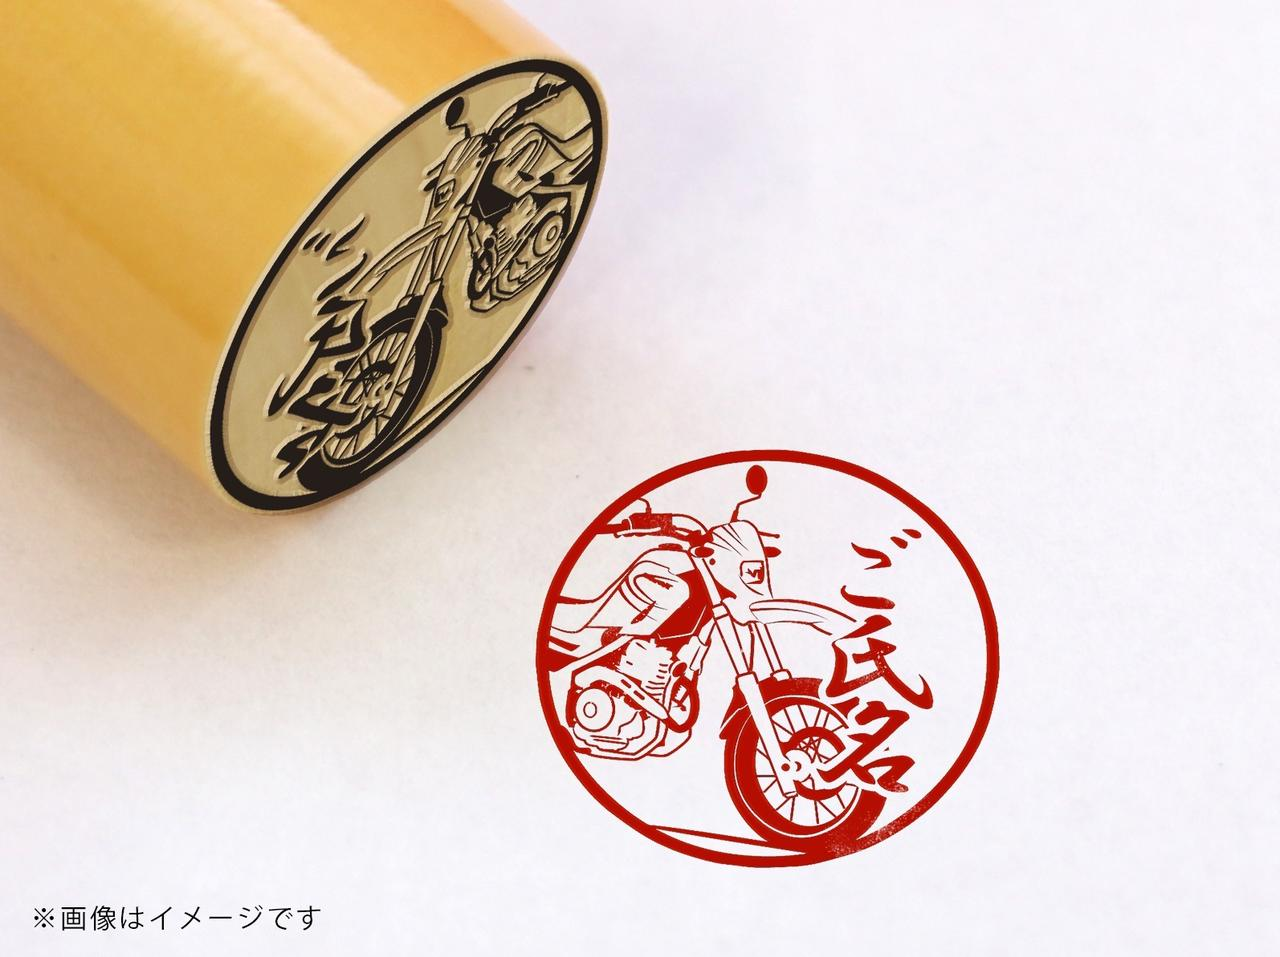 Images : 【YAMAHA】XT250X・柘植丸印18mm